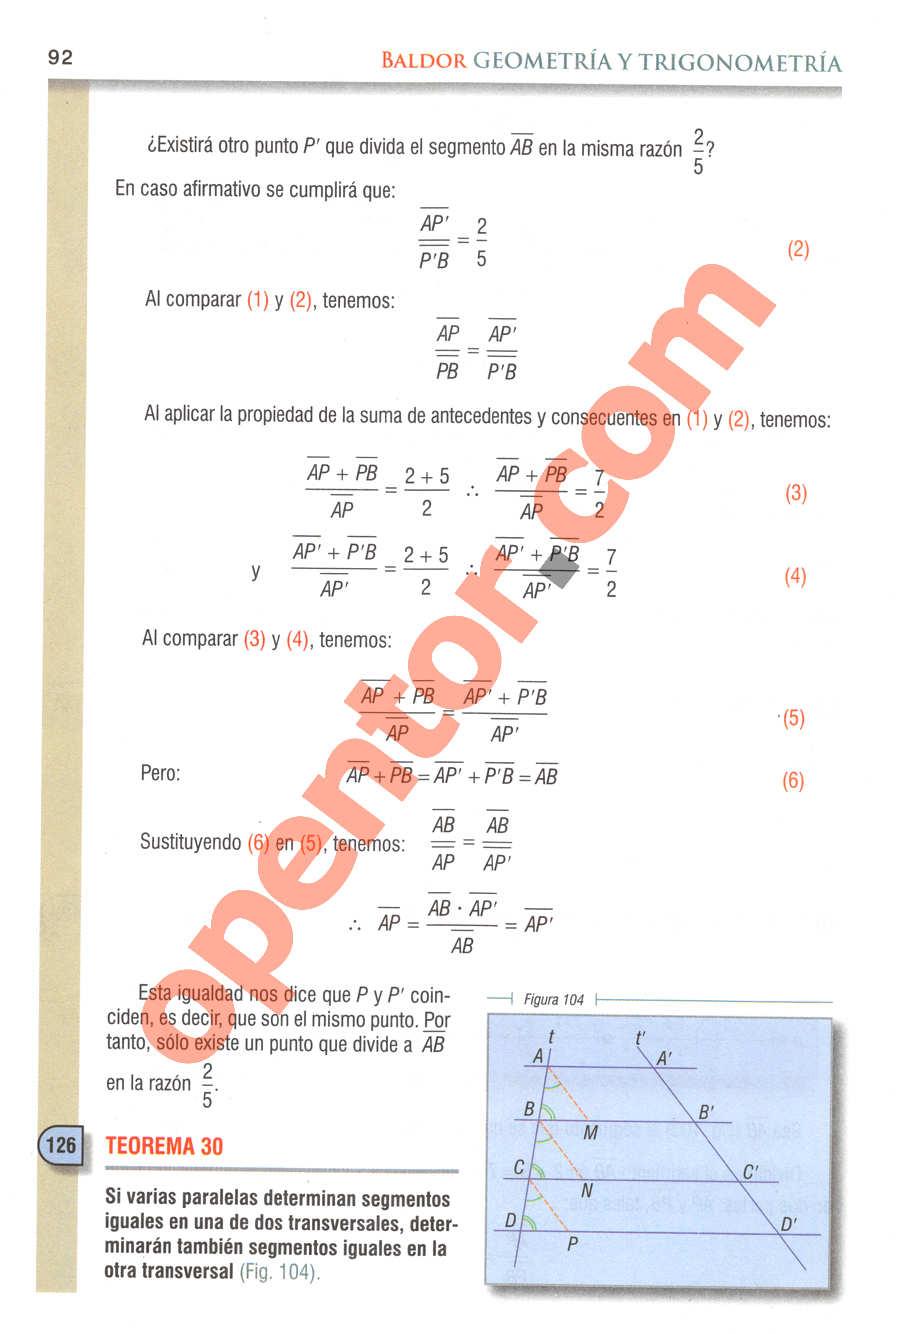 Geometría y Trigonometría de Baldor - Página 92